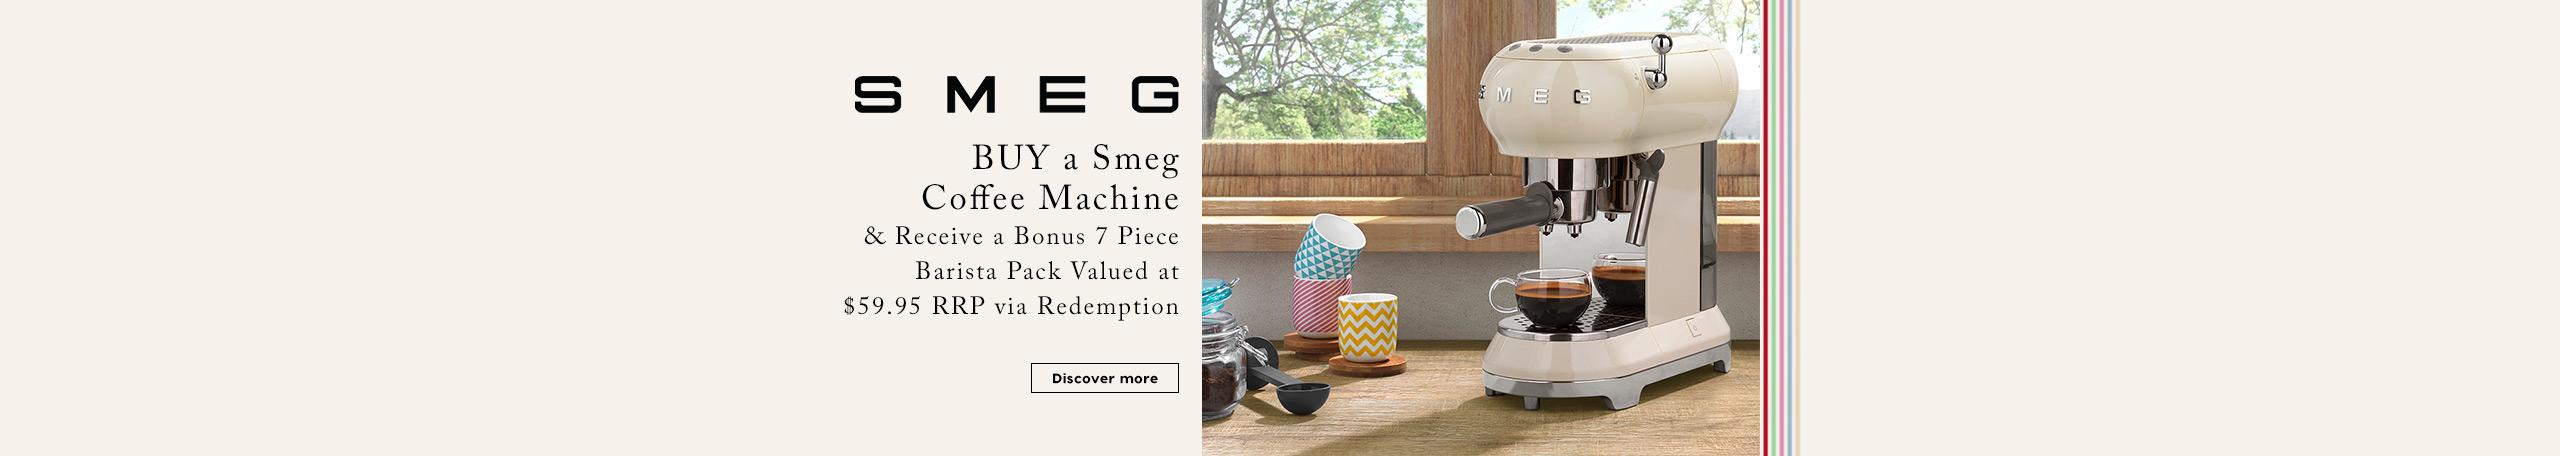 Smeg Espresso Promotion